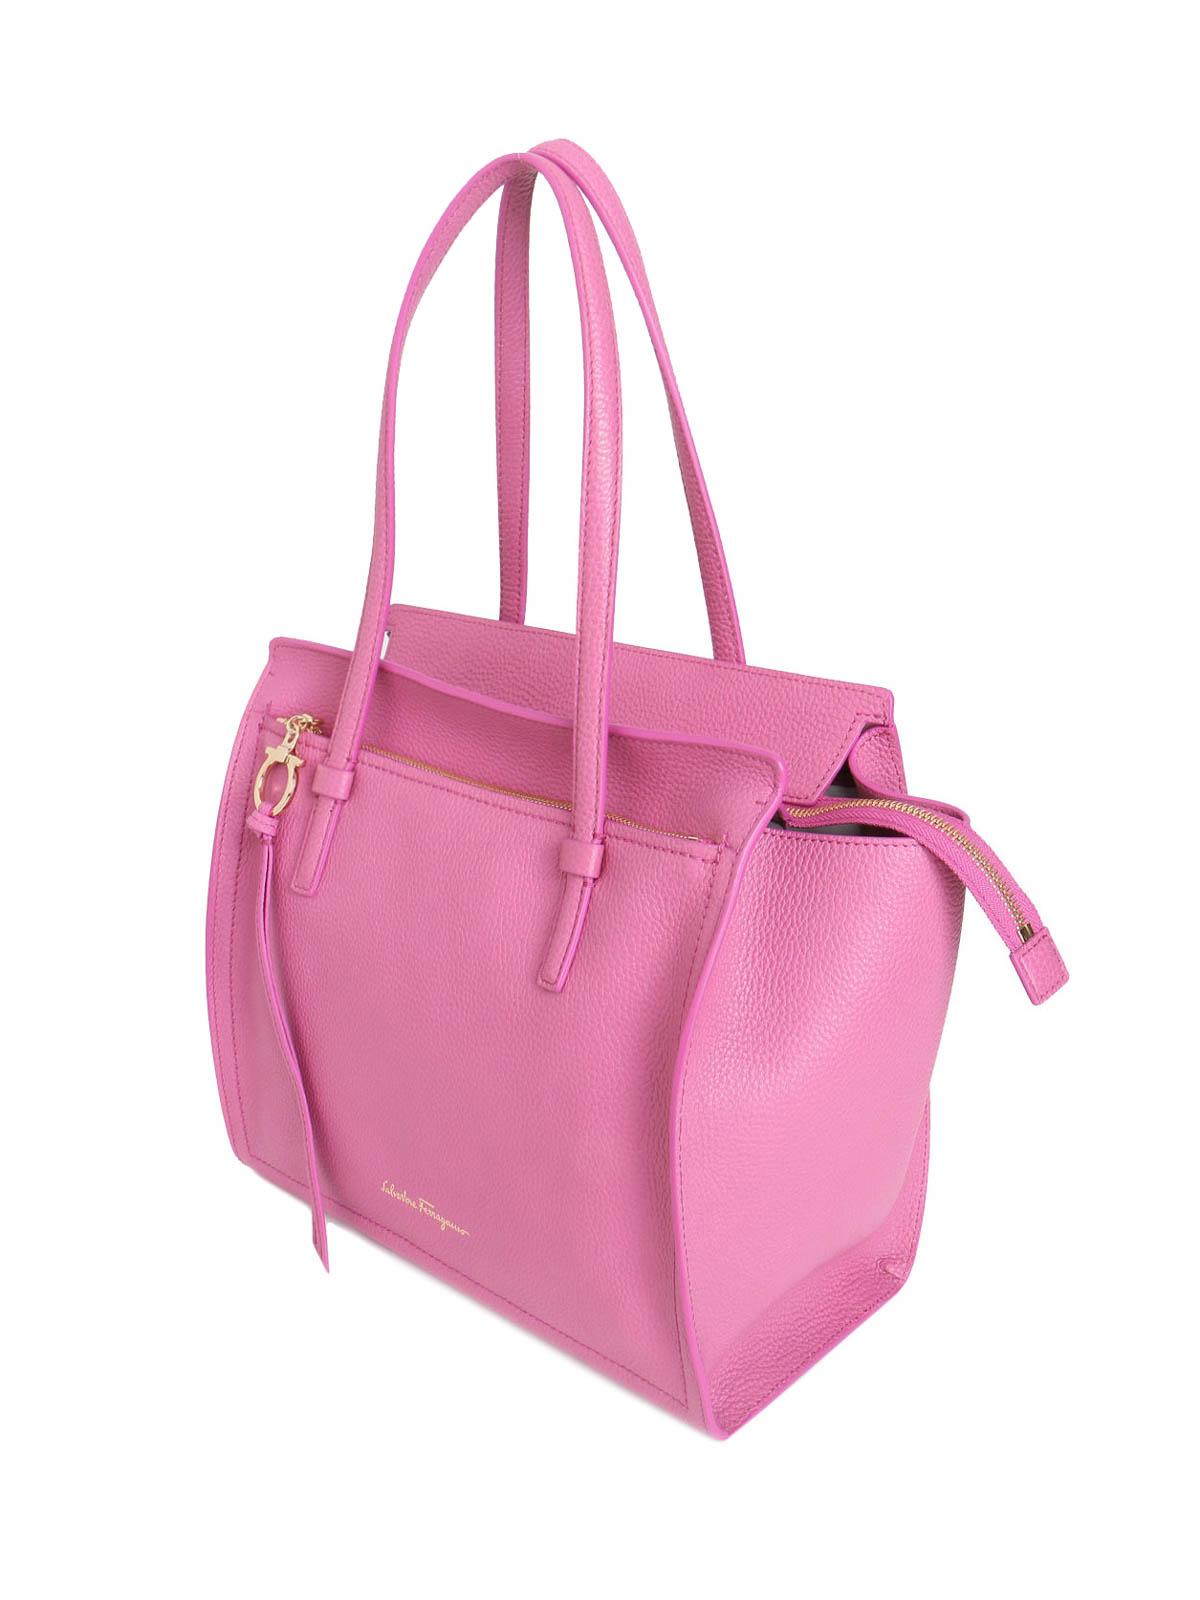 70281387448b Salvatore Ferragamo - Amy large tote - totes bags - 21F216022 ANE